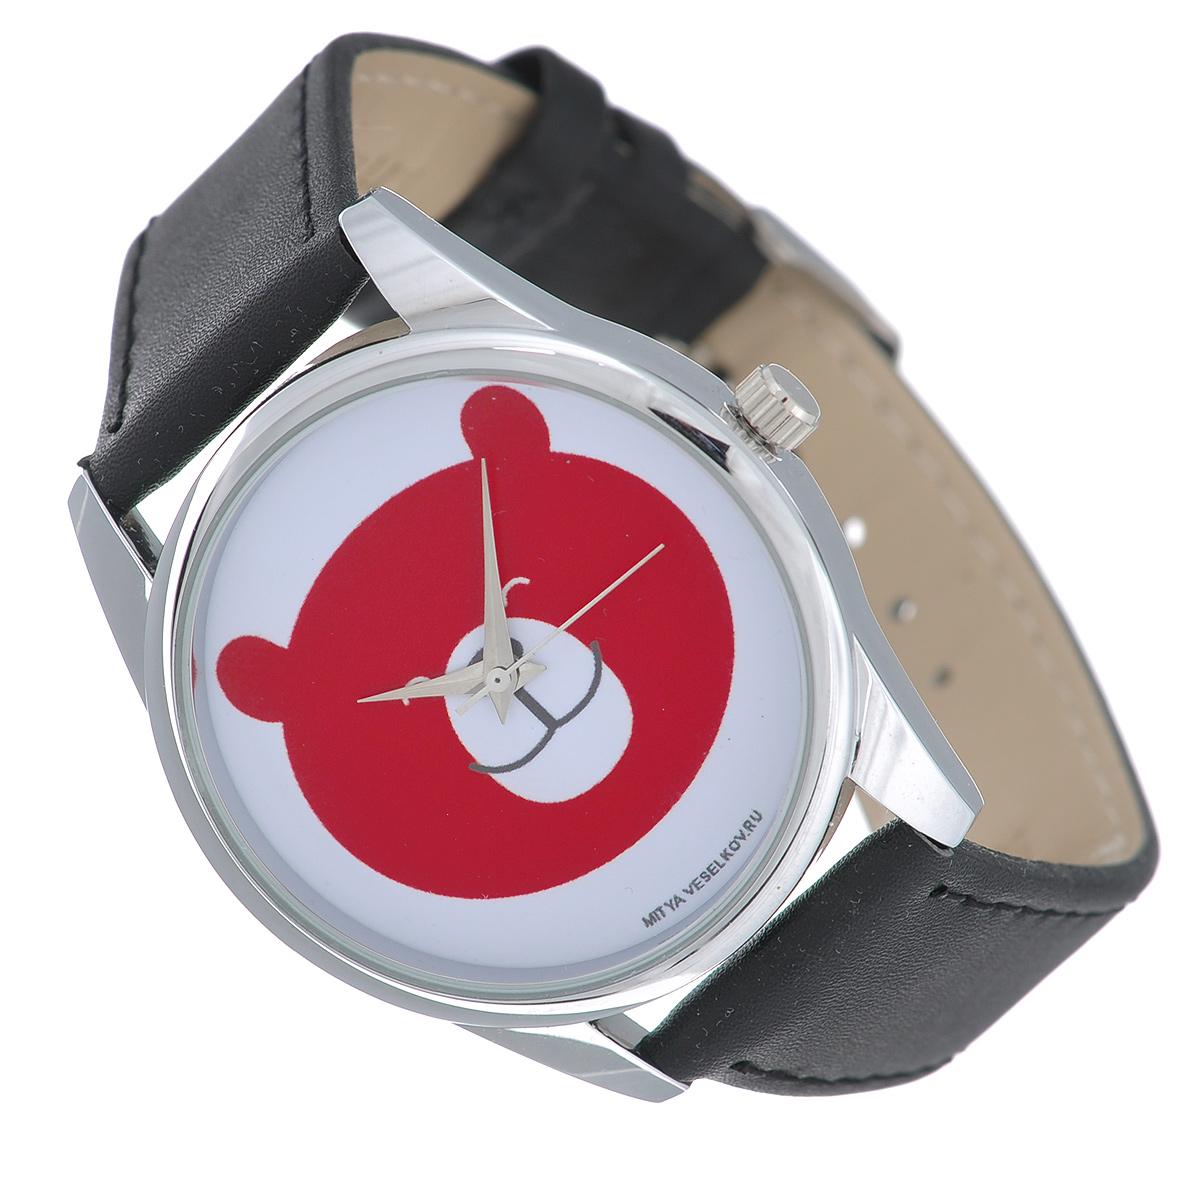 Часы наручные Mitya Veselkov Красный мишка. MV-185INT-06501Наручные часы Mitya Veselkov Красный мишка созданы для современных людей, которые стремятся выделиться из толпы и подчеркнуть свою индивидуальность. Часы оснащены японским кварцевым механизмом. Ремешок выполнен из натуральной кожи, корпус изготовлен из стали. Циферблат оснащен тремя стрелками и оформлен изображением мордочки медведя.Часы размещаются на специальной подушечке и упакованы в фирменный стакан Mitya Veselkov.Характеристики: Диаметр циферблата: 3,4 см.Размер корпуса: 3,9 см х 4,5 см х 0,8 см.Длина ремешка (с учетом корпуса): 24 см.Ширина ремешка: 1,8 см.